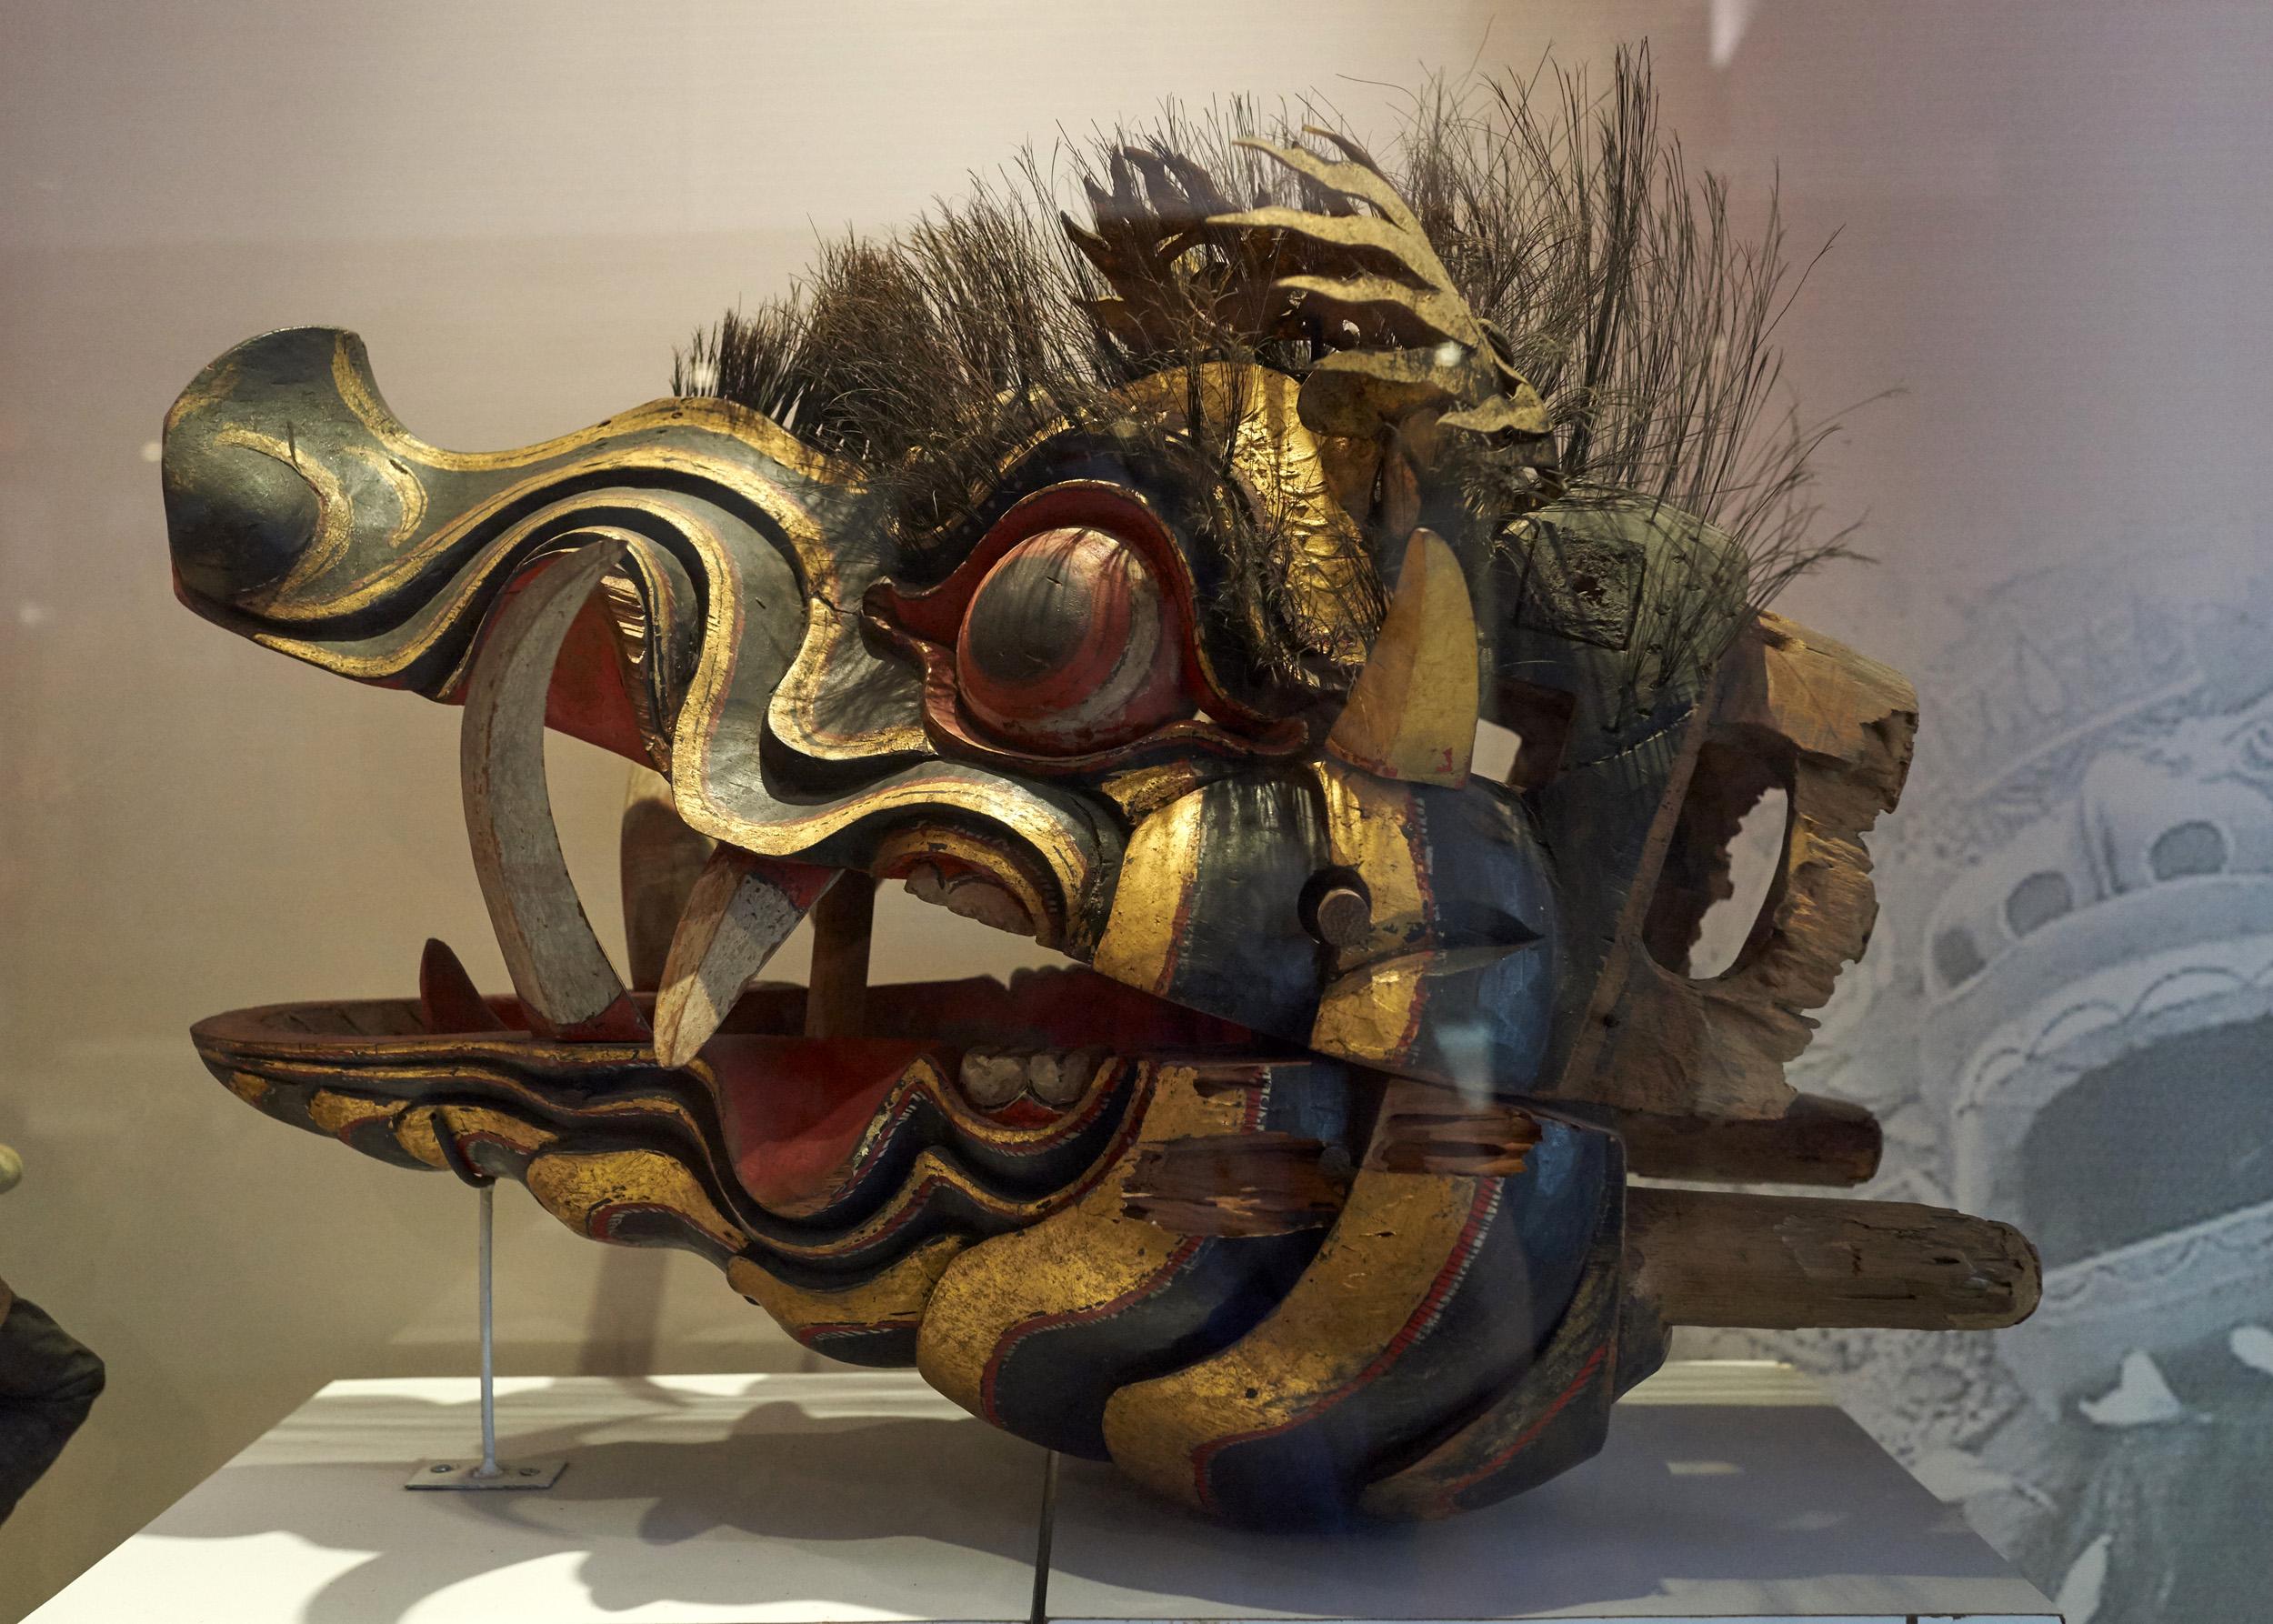 Tigermaske.jpg